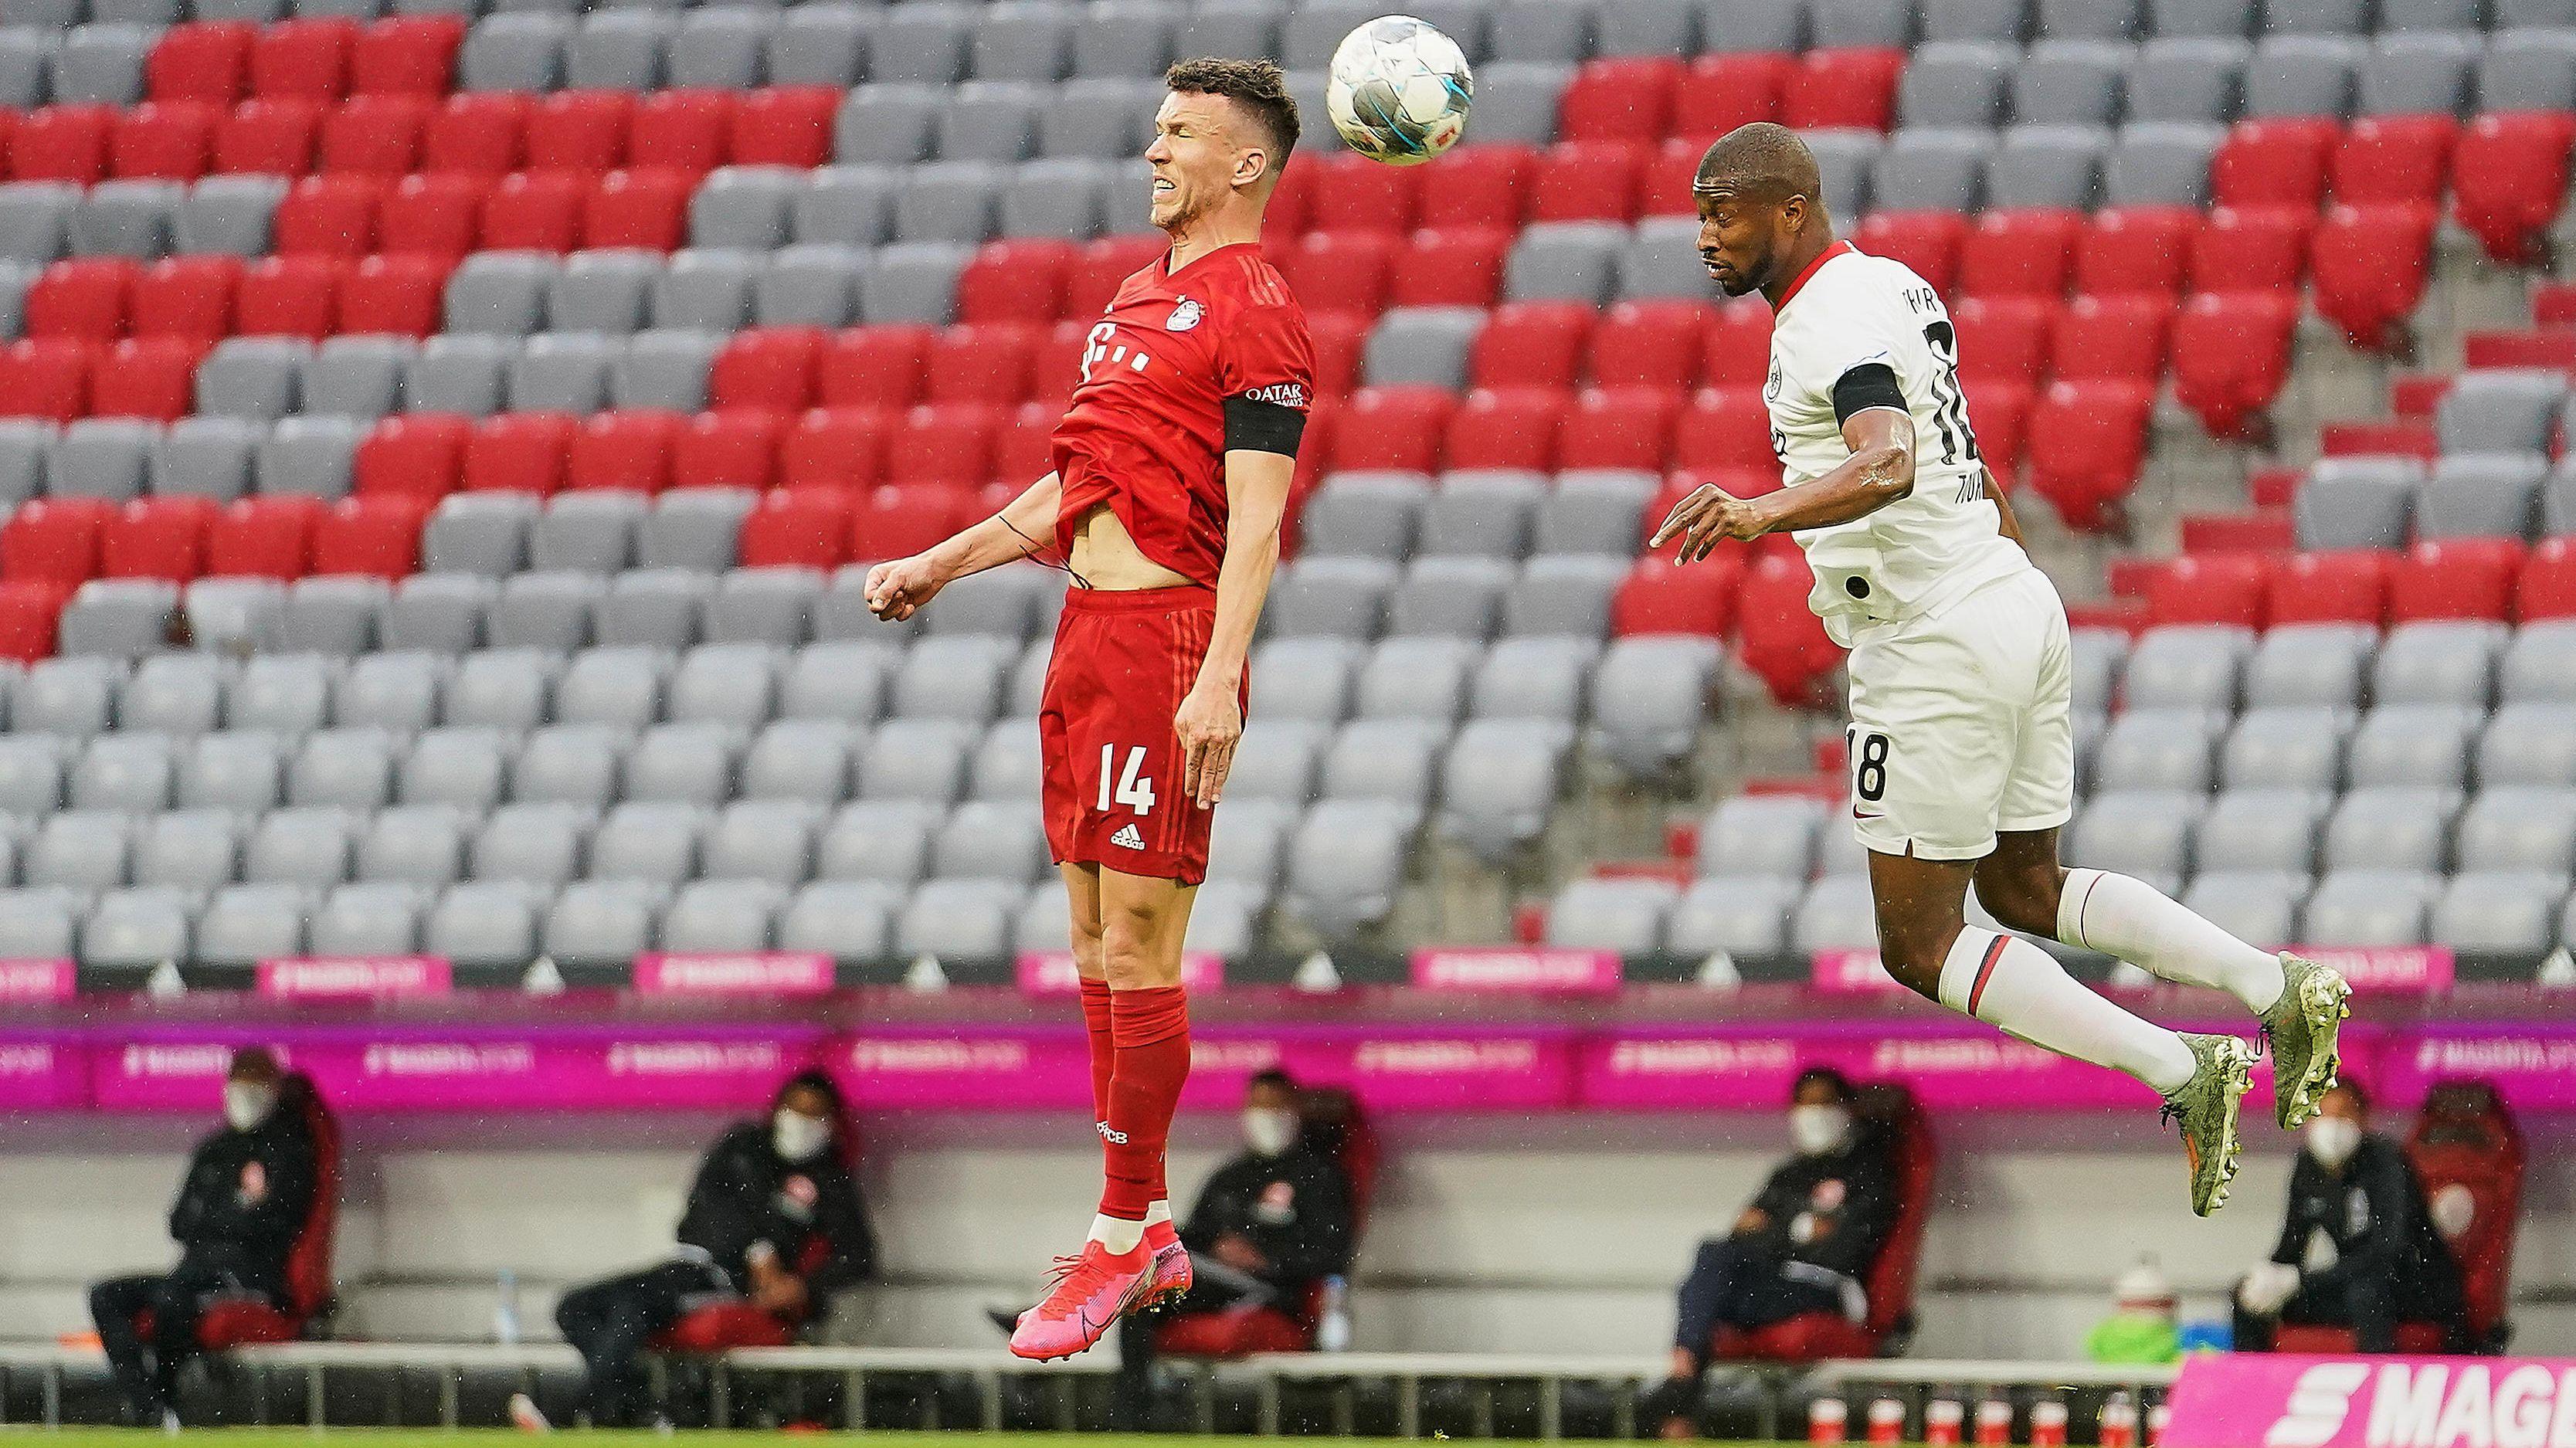 Geisterspiel vom 23.05.2020: Ivan Perisic vom FC Bayern im Einsatz gegen den Frankfurter Almamy.